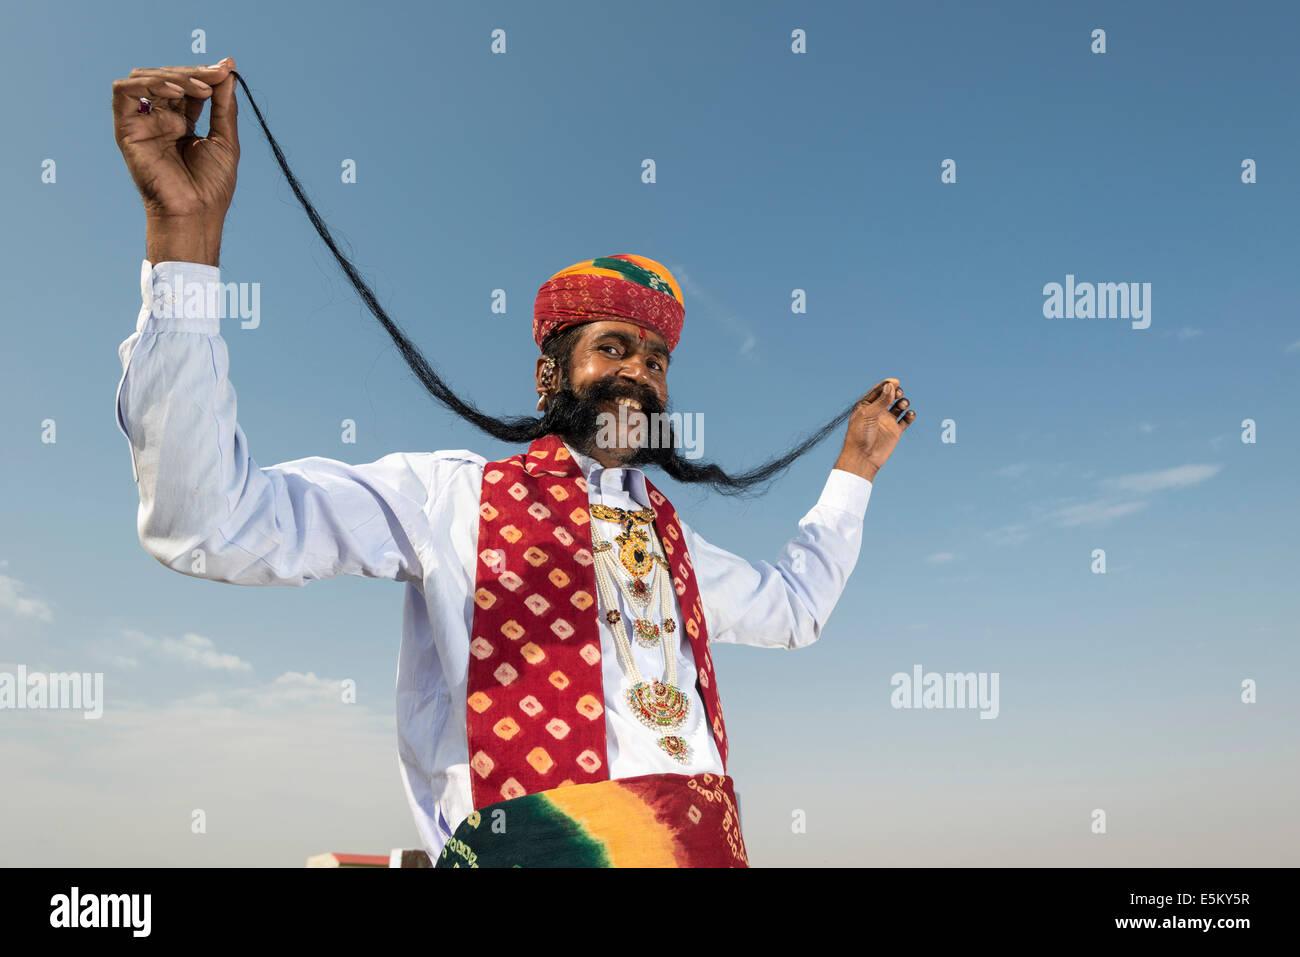 L'homme Local présentant ses longues moustaches, peuple Rajput, Bikaner, Rajasthan, India Banque D'Images